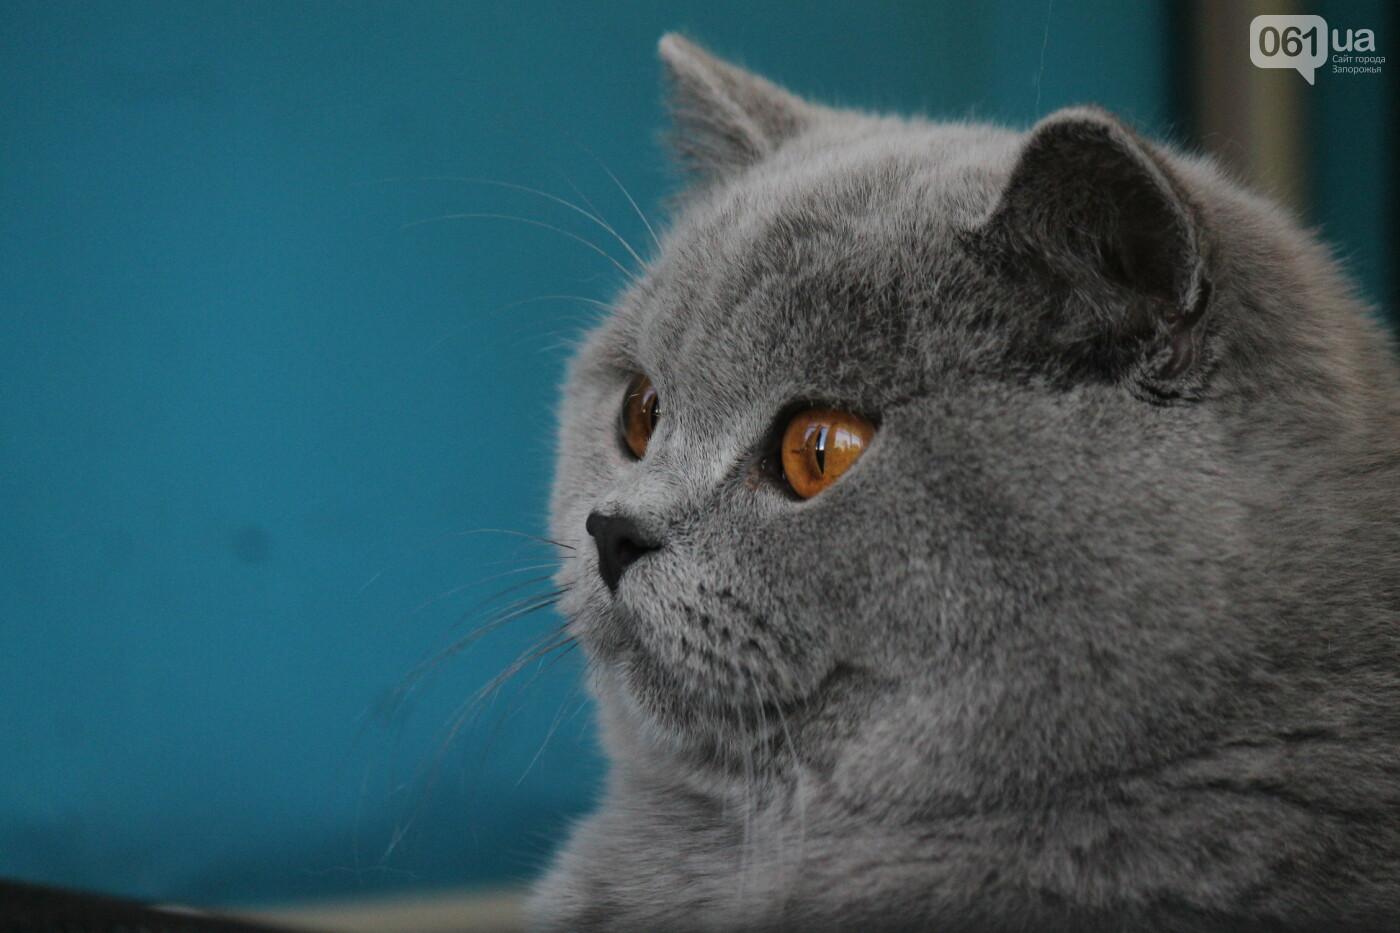 В Запорожье на выставке кошек показали 130 питомцев со всей Украины, – ФОТОРЕПОРТАЖ, фото-23